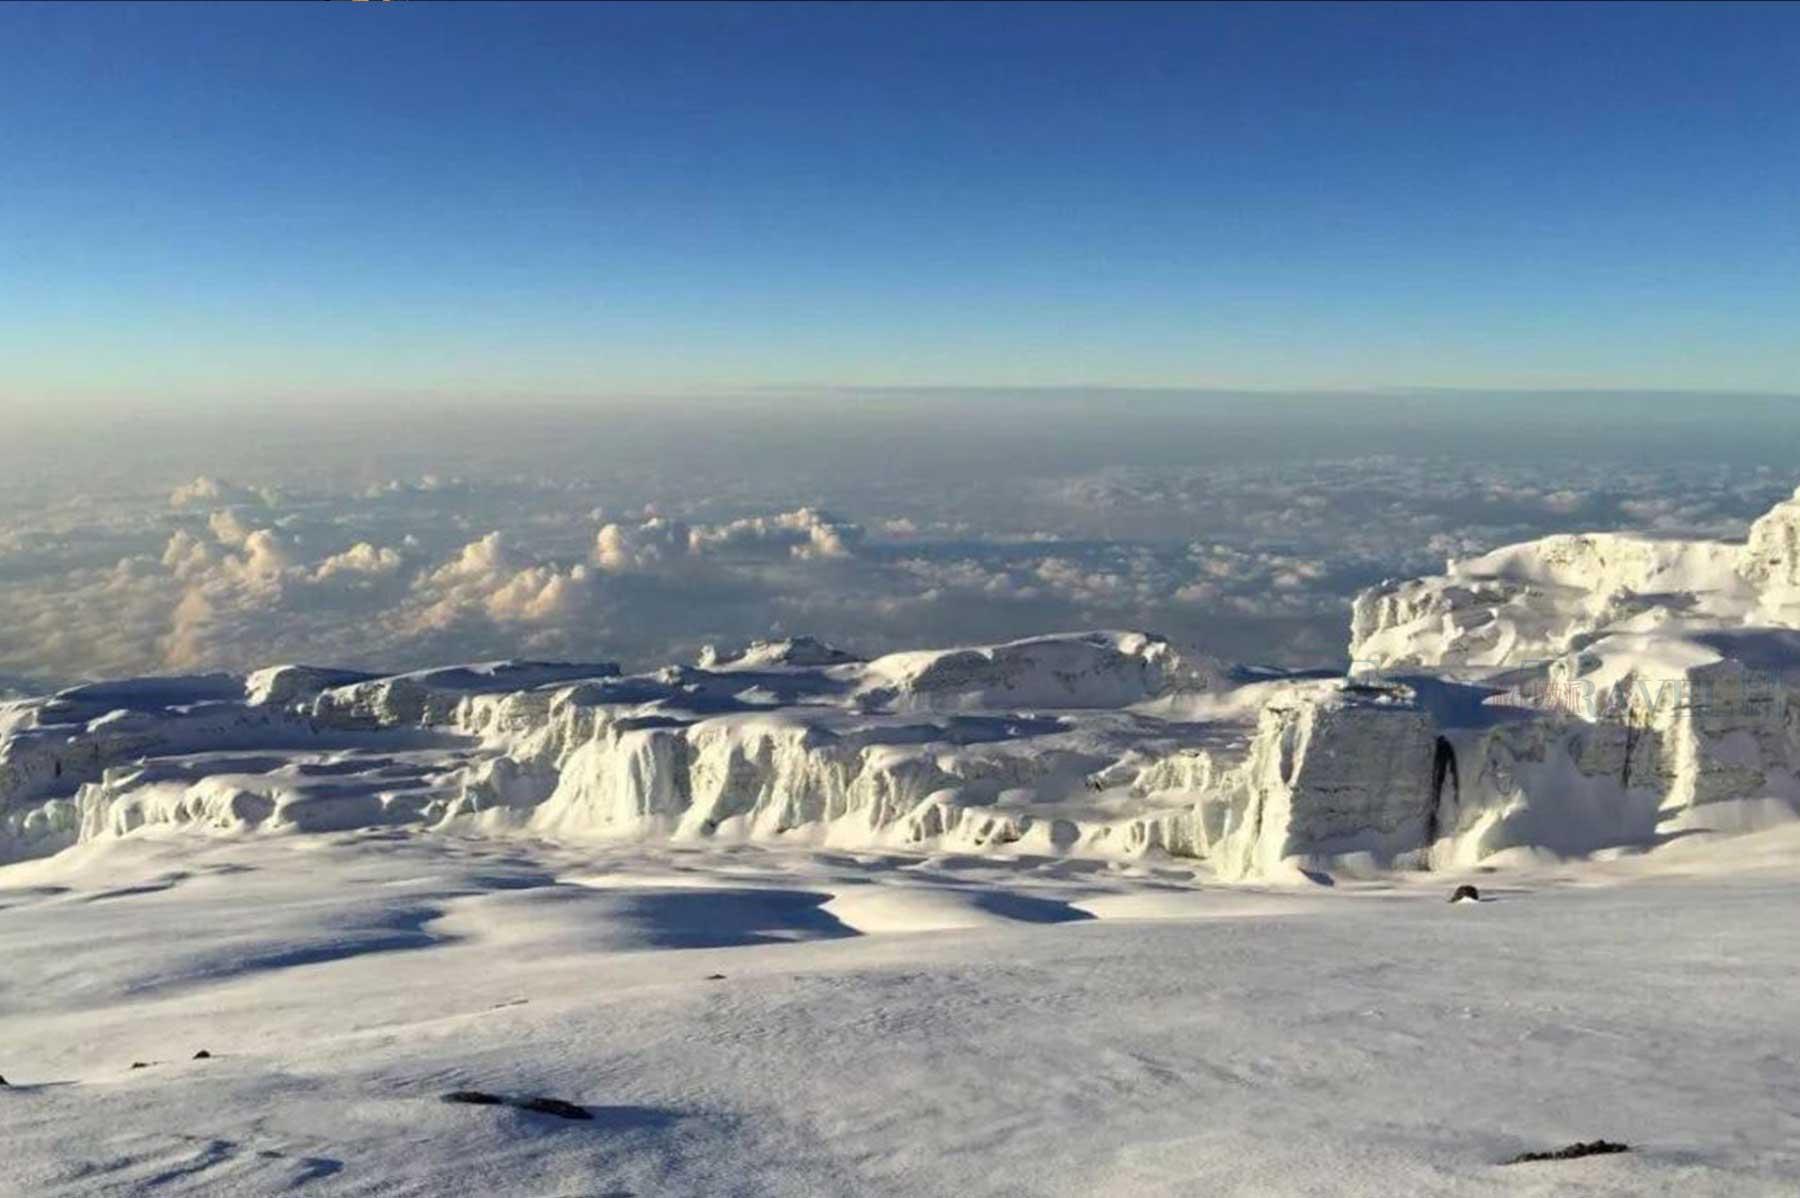 乞力马扎罗山的冰川